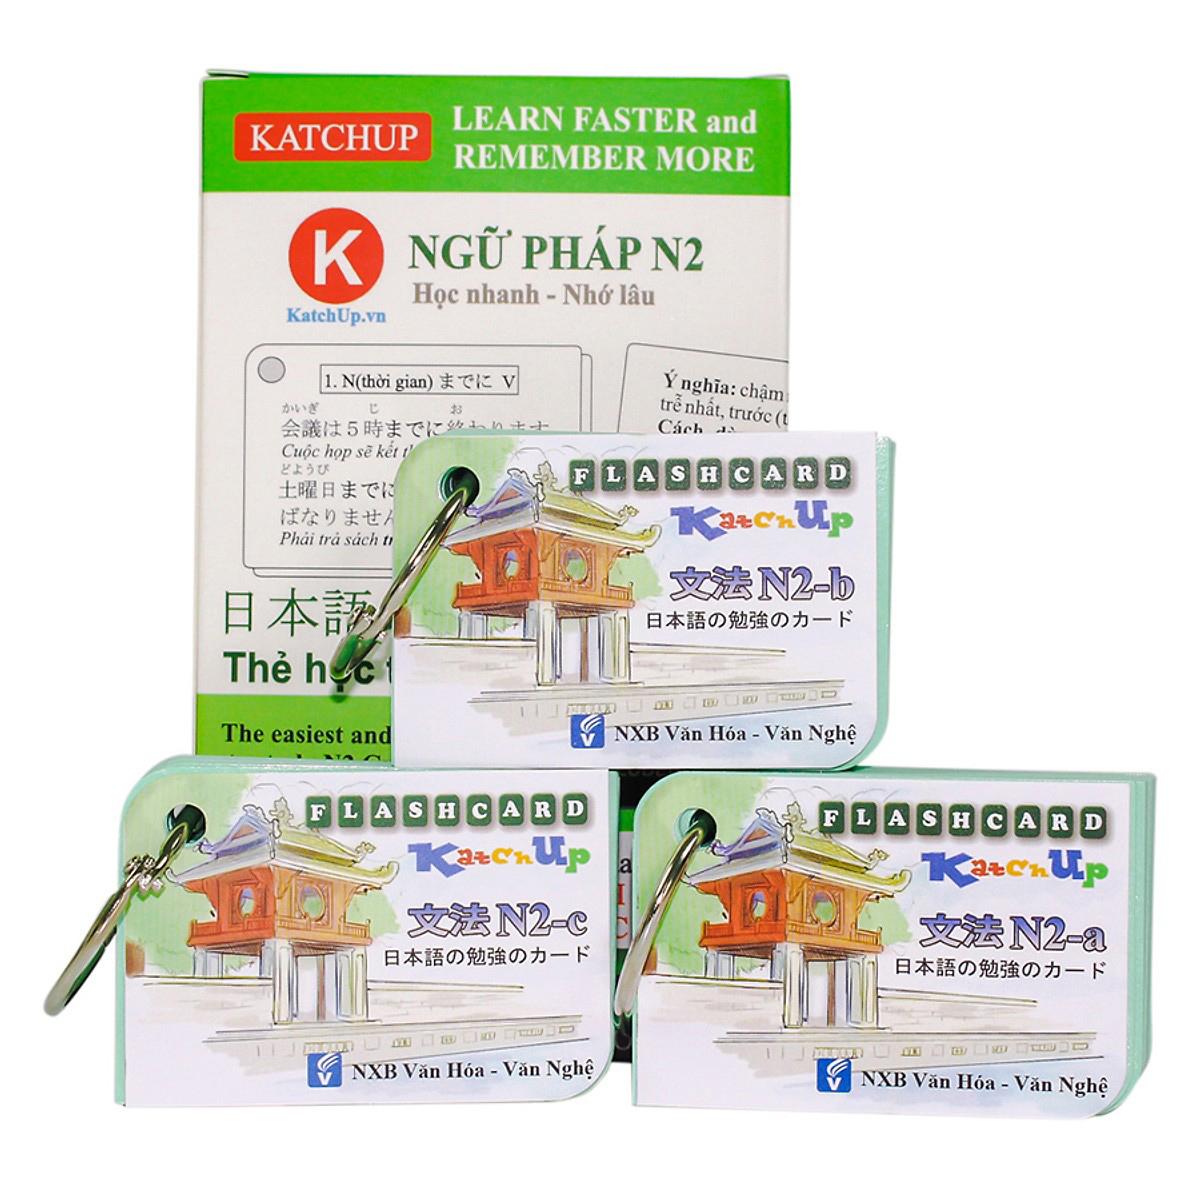 Bộ KatchUp Flashcard Ngữ Pháp N2 (Soumatome N2) - High Quality